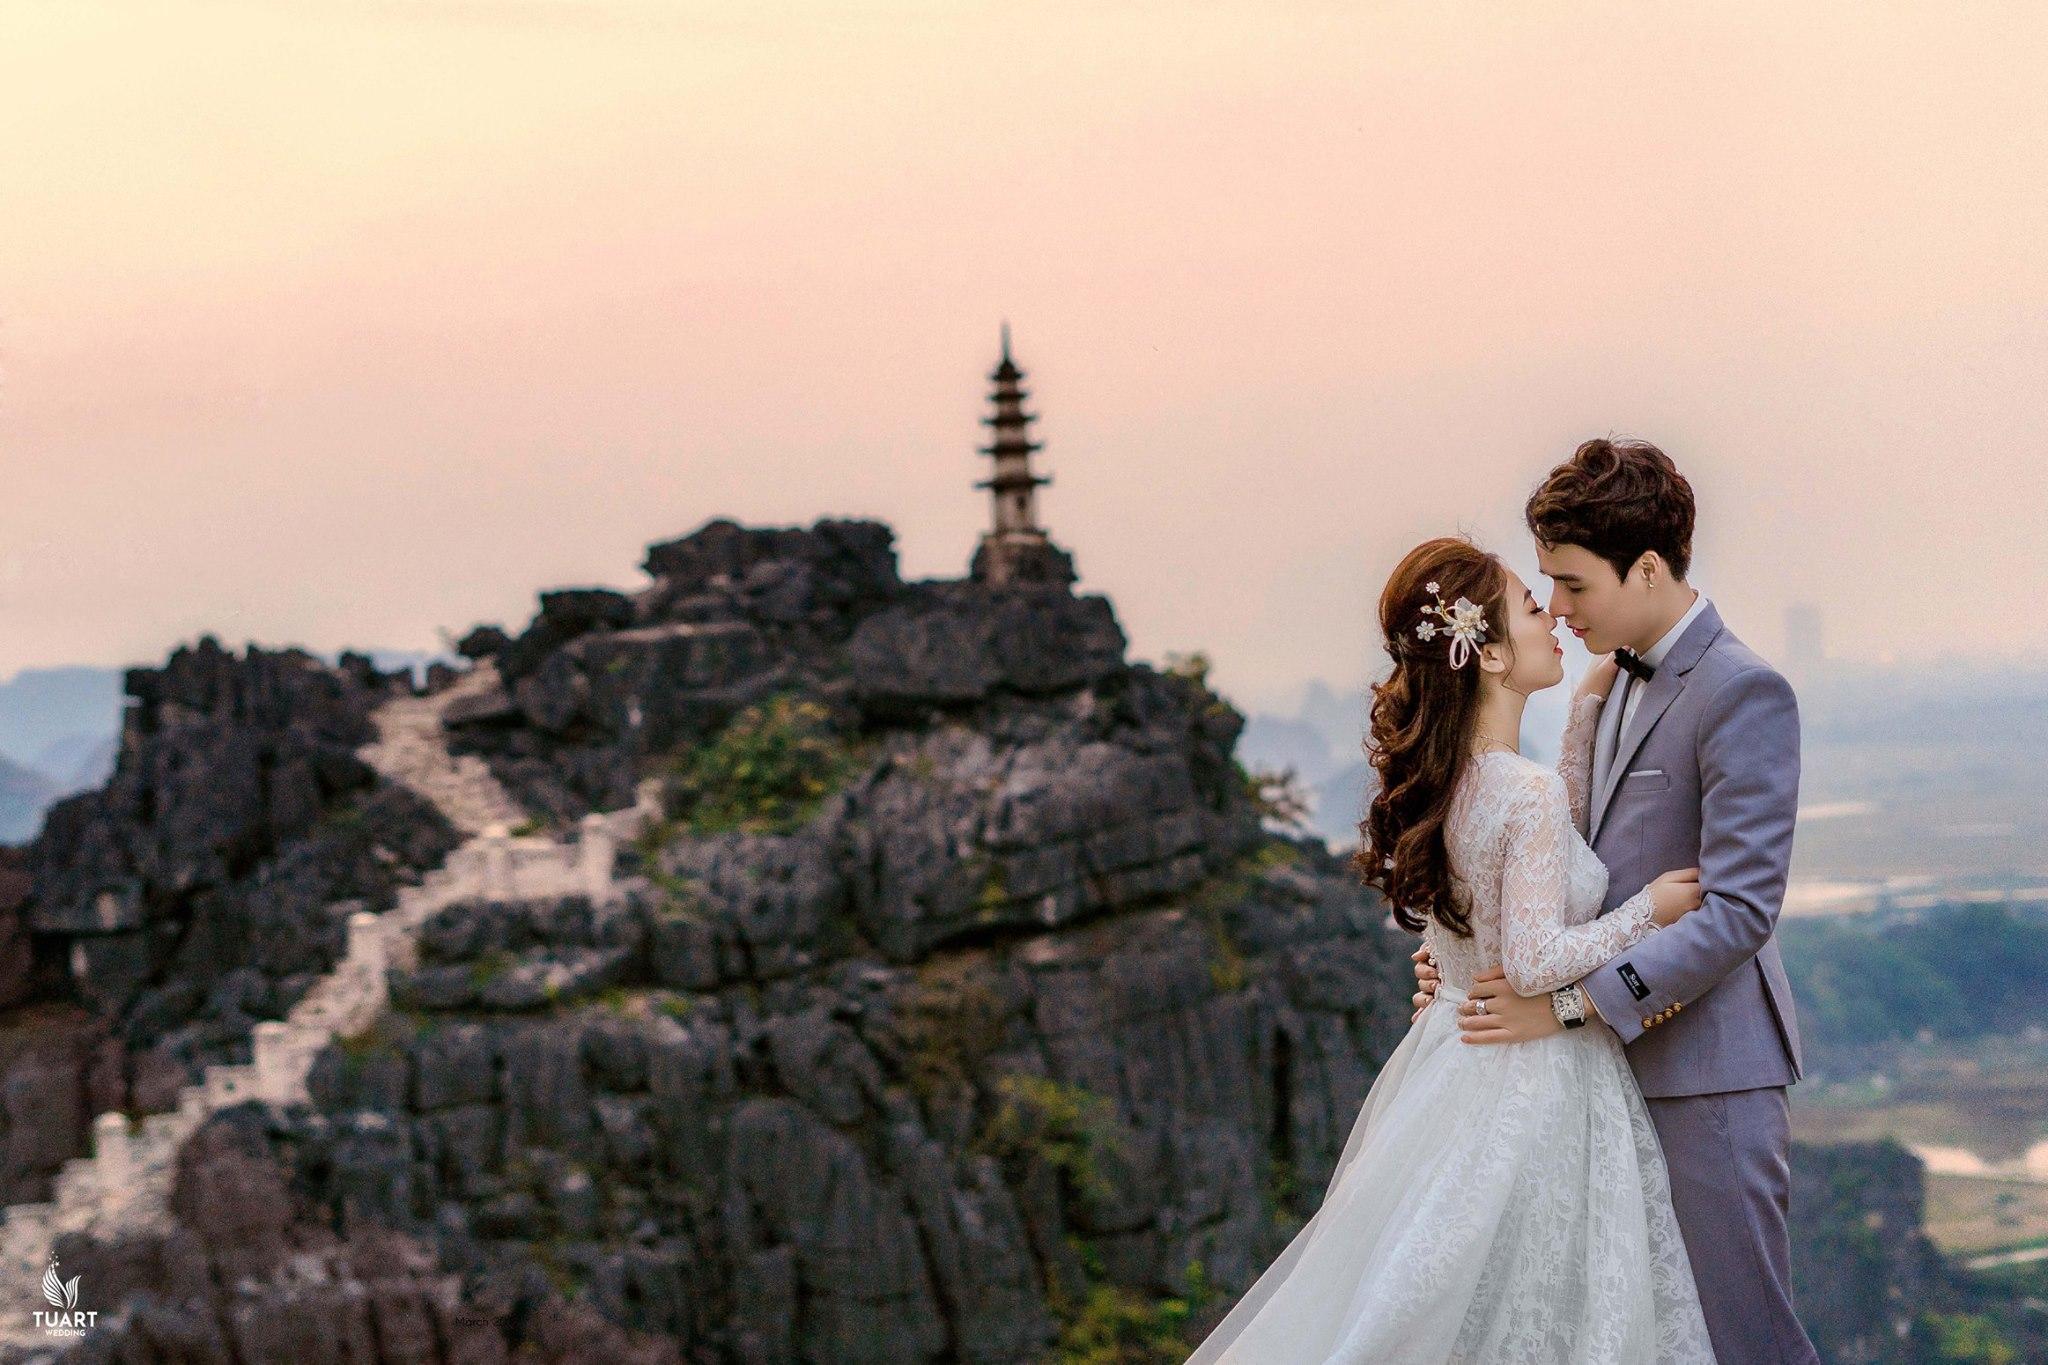 Top 5 Studio chụp ảnh cưới đẹp nhất tại Ninh Bình 2021 – 2022